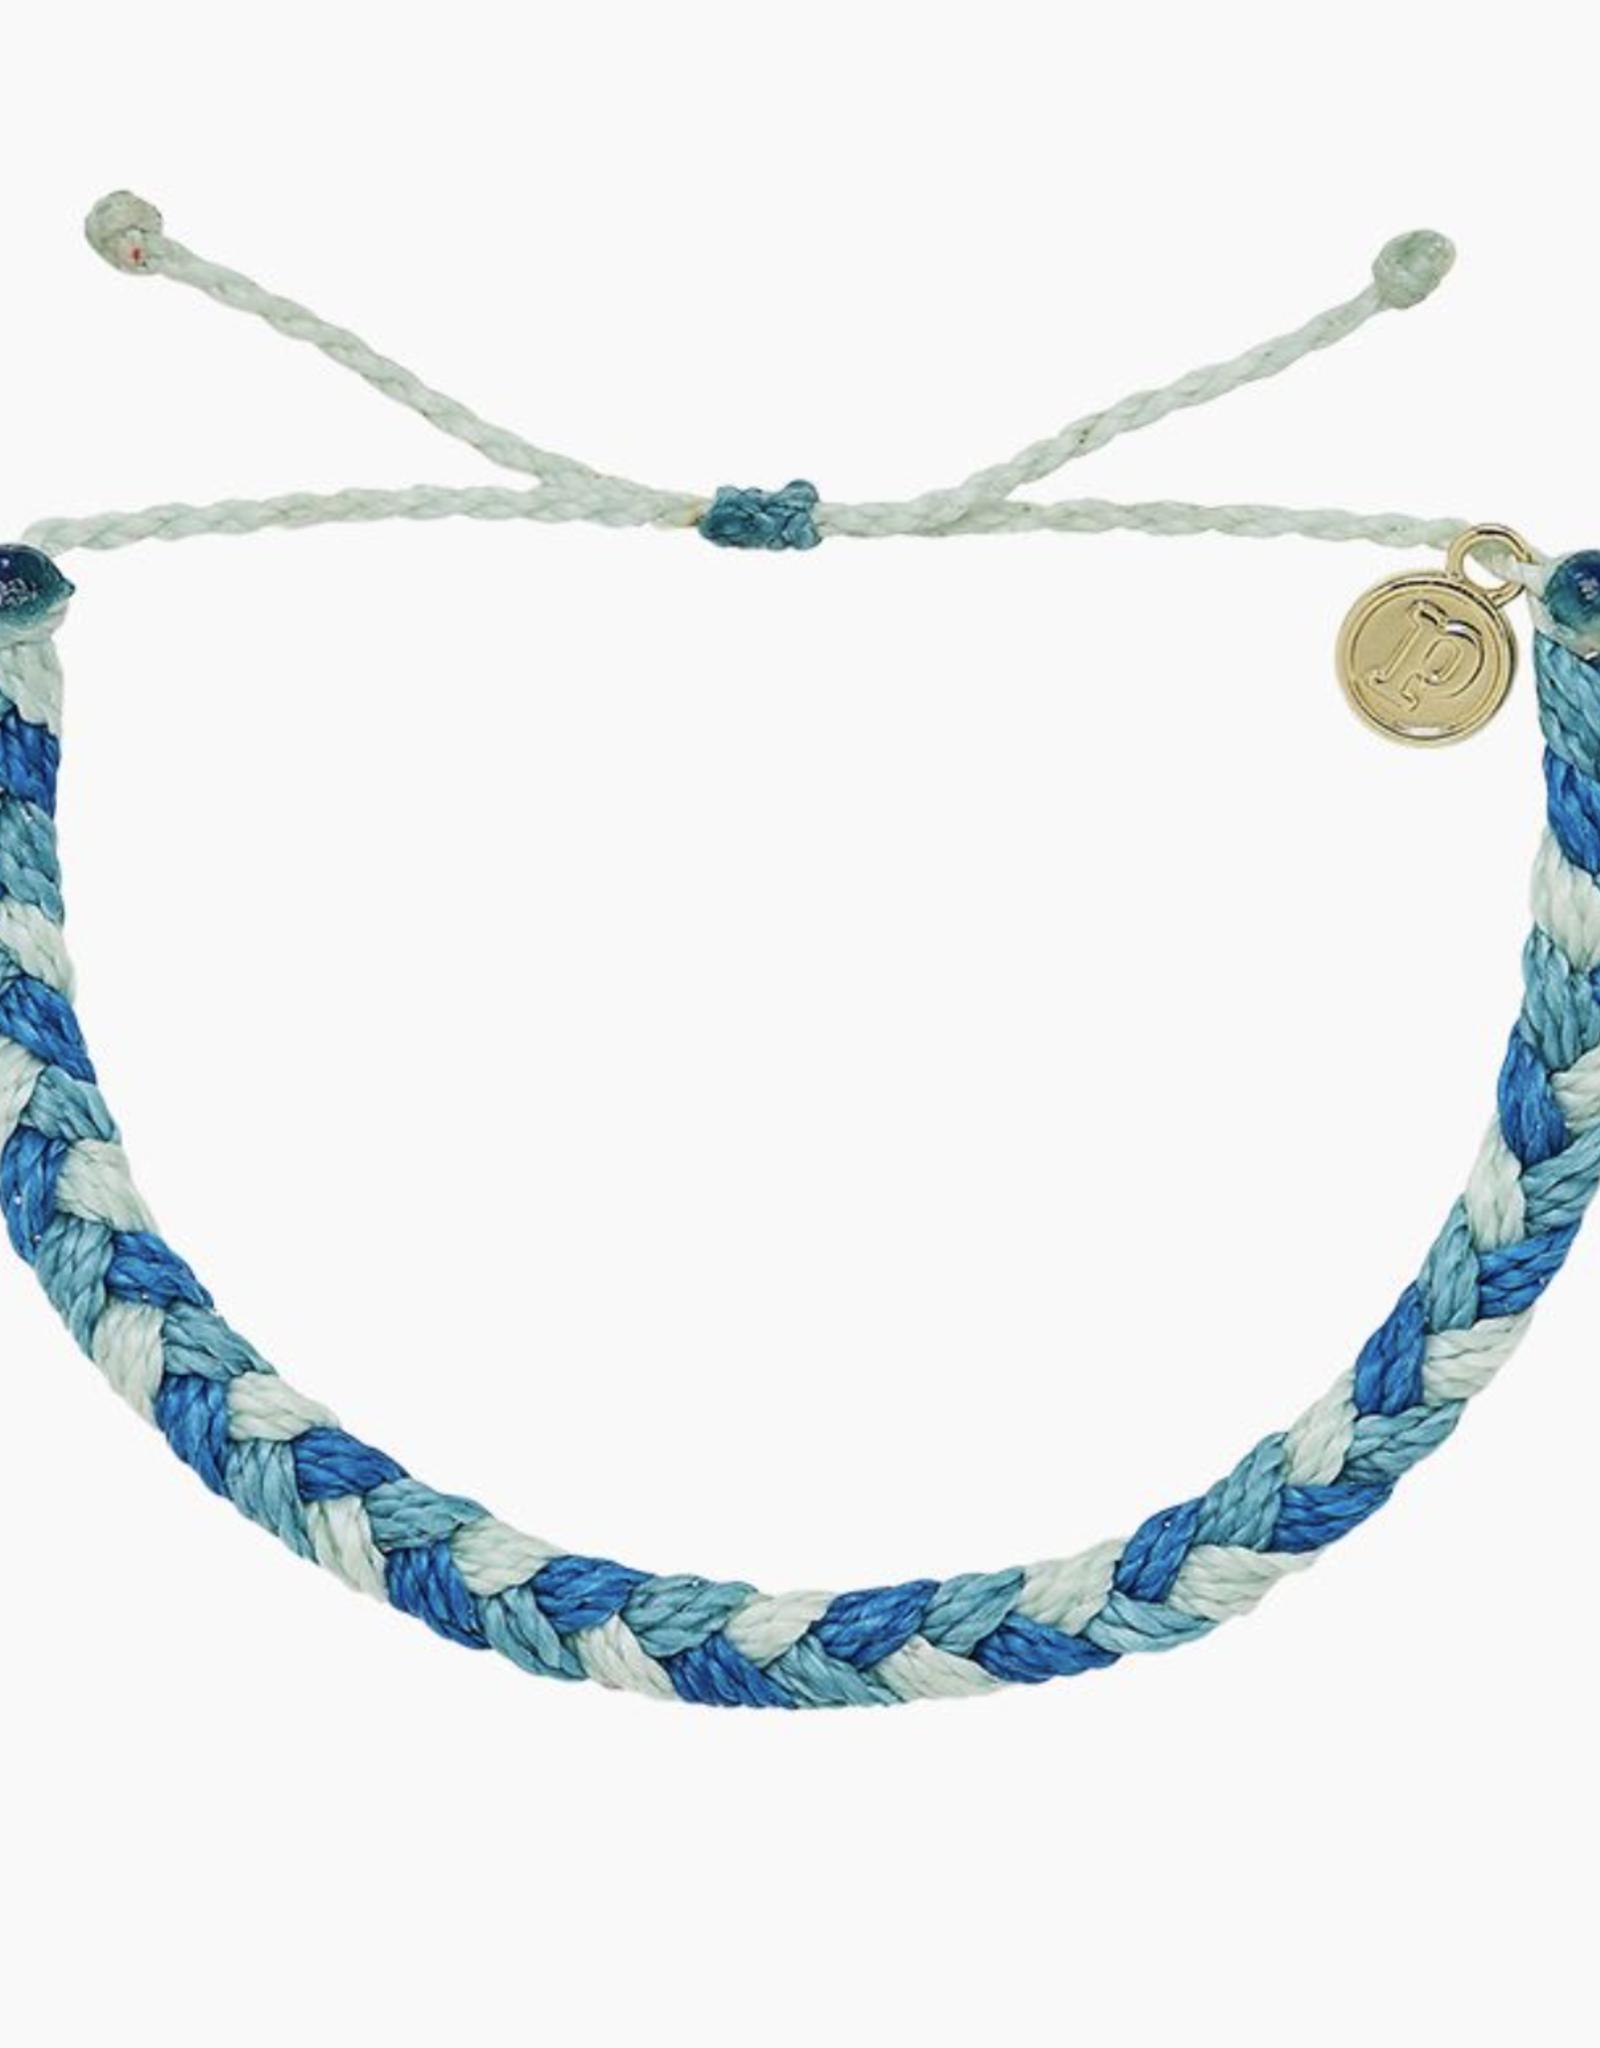 Pura Vida Pura Vida - Braided - Out of the Blue Bracelet